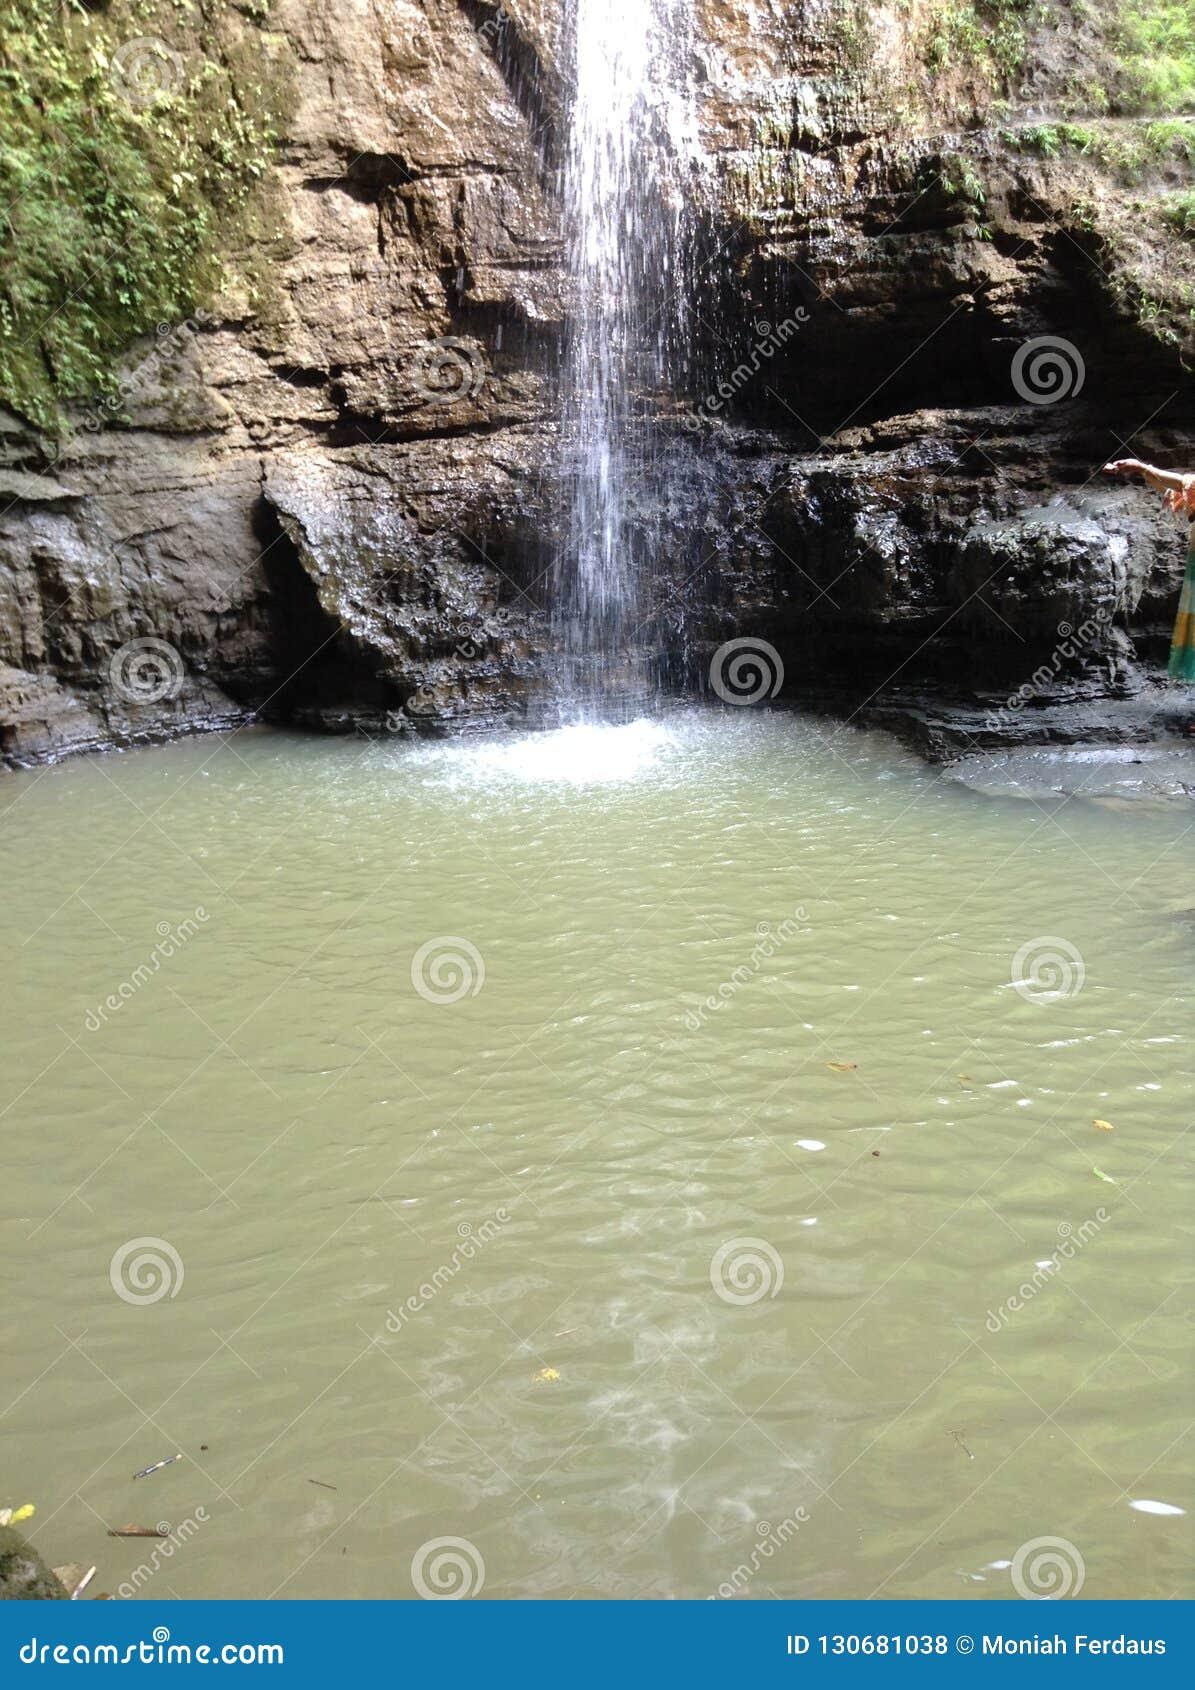 Agua Falls-04 de Himchhari